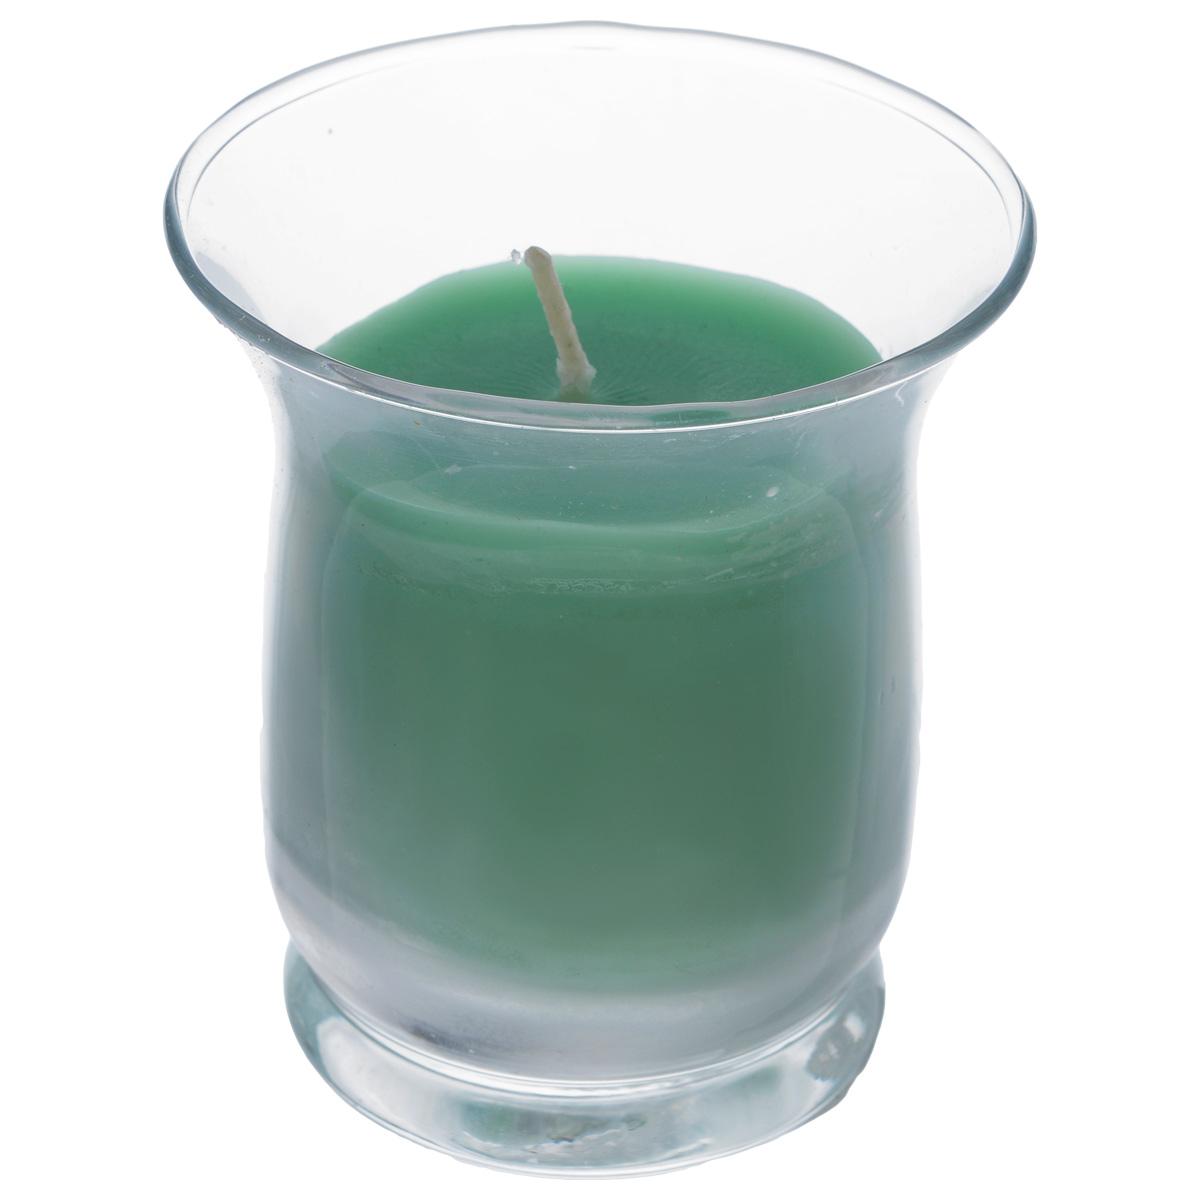 Свеча Sima-land Романтика, с ароматом яблока, высота 7,5 см849623Ароматизированная свеча Sima-land Романтика изготовлена из воска и поставляется в подсвечнике в виде стеклянного стакана. Изделие отличается оригинальным дизайном и приятным ароматом яблока. Такая свеча может стать отличным подарком или дополнить интерьер вашей комнаты.